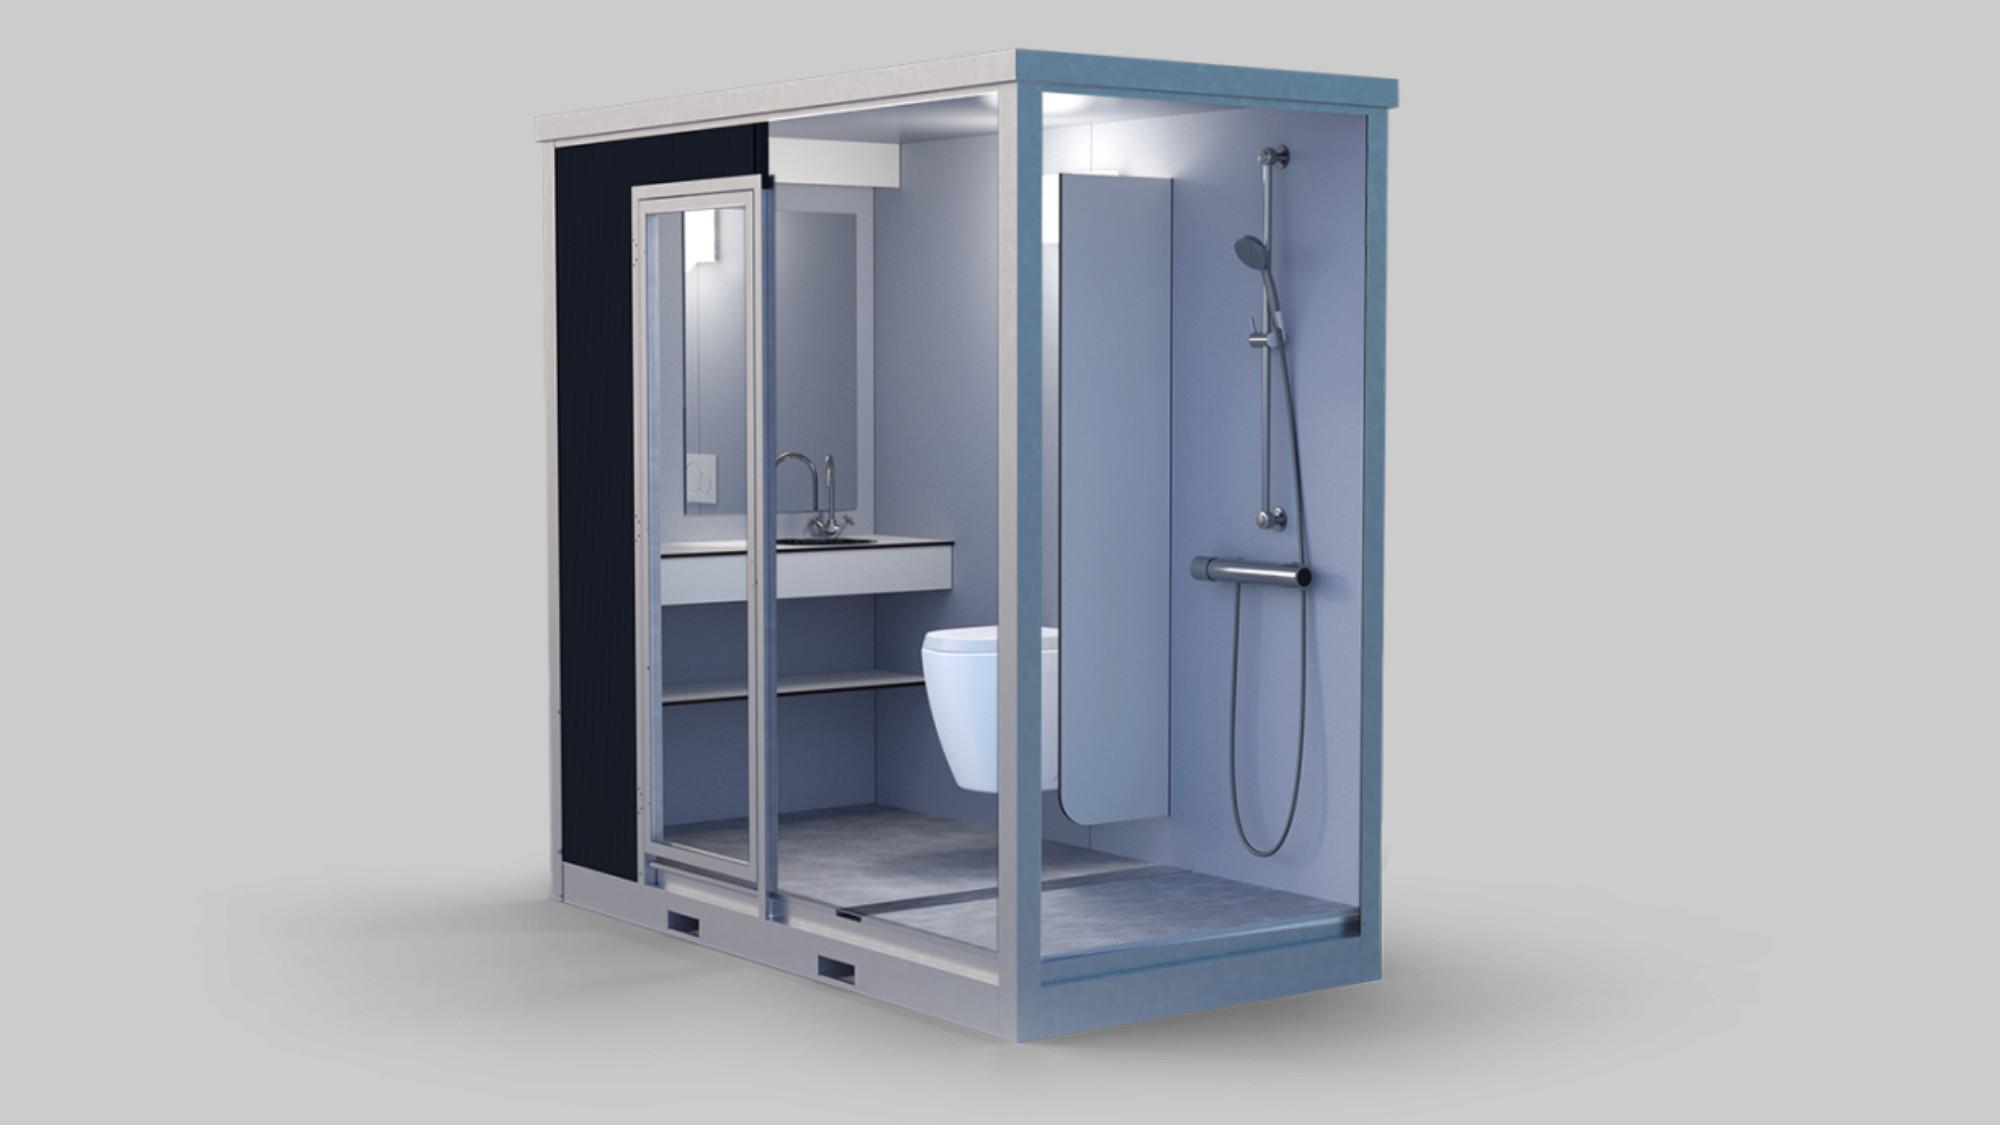 Prive-sanitair-break-out